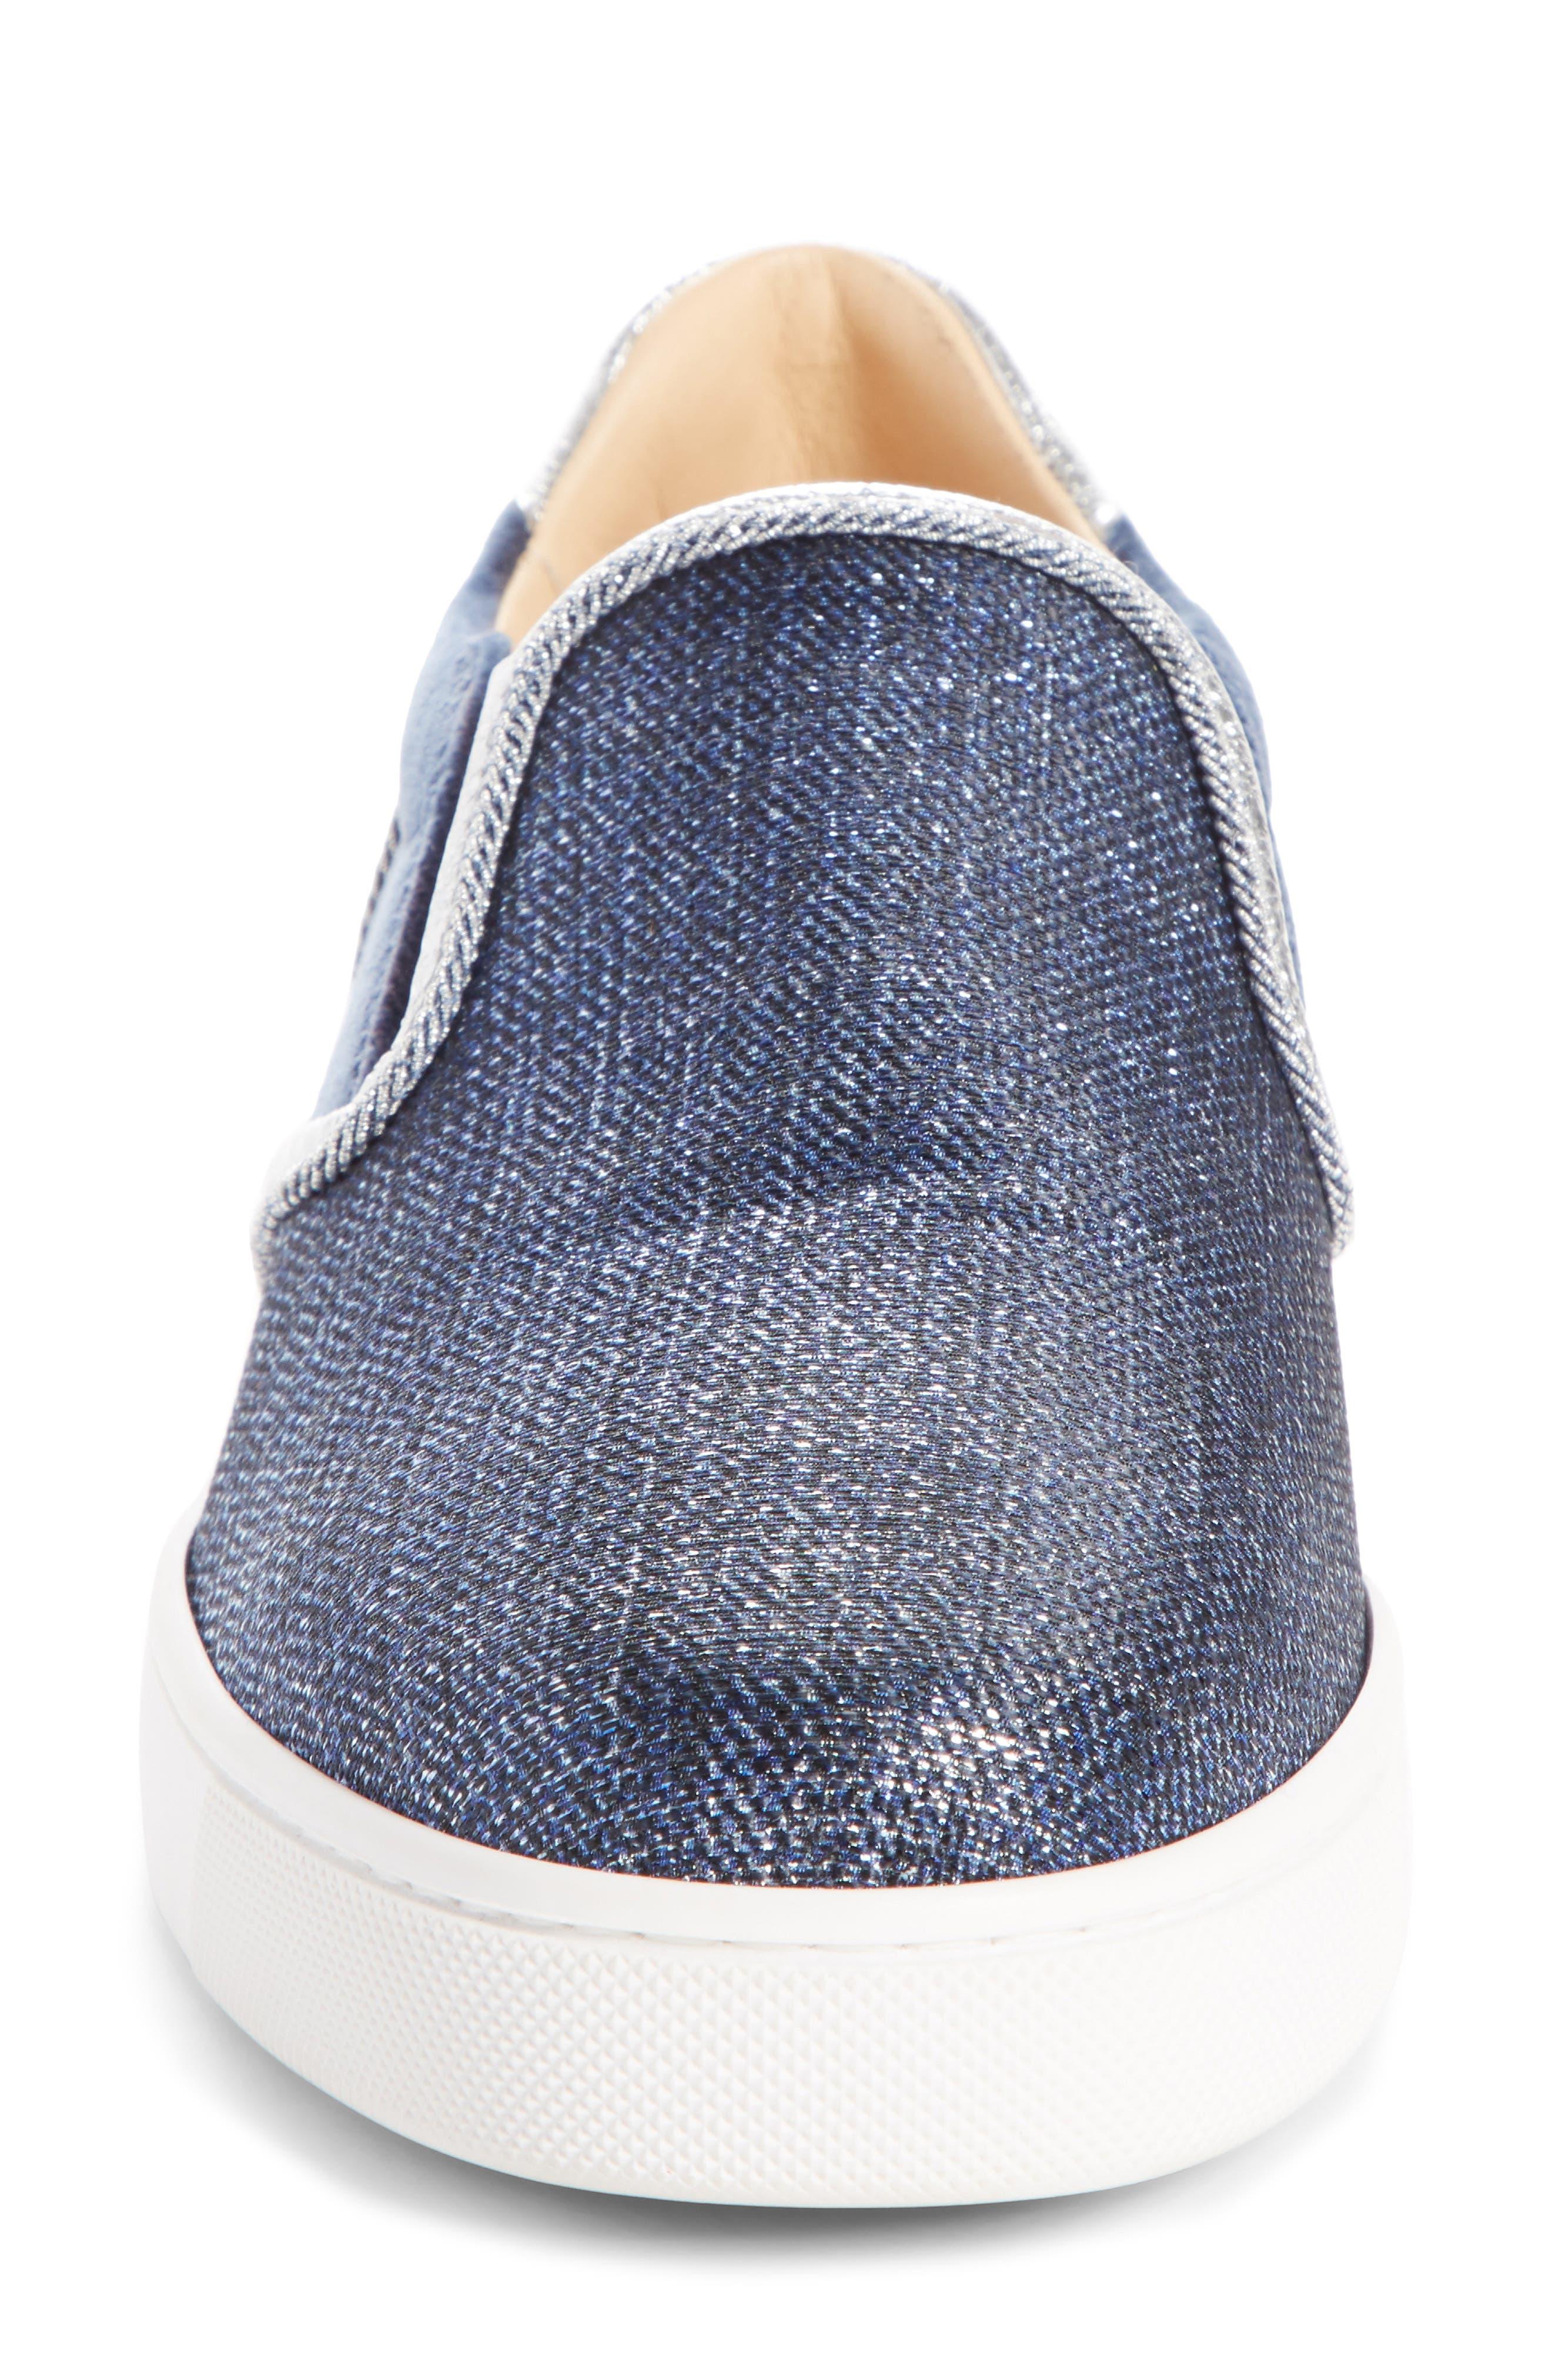 Masteralta Slip-On Sneaker,                             Alternate thumbnail 4, color,                             400